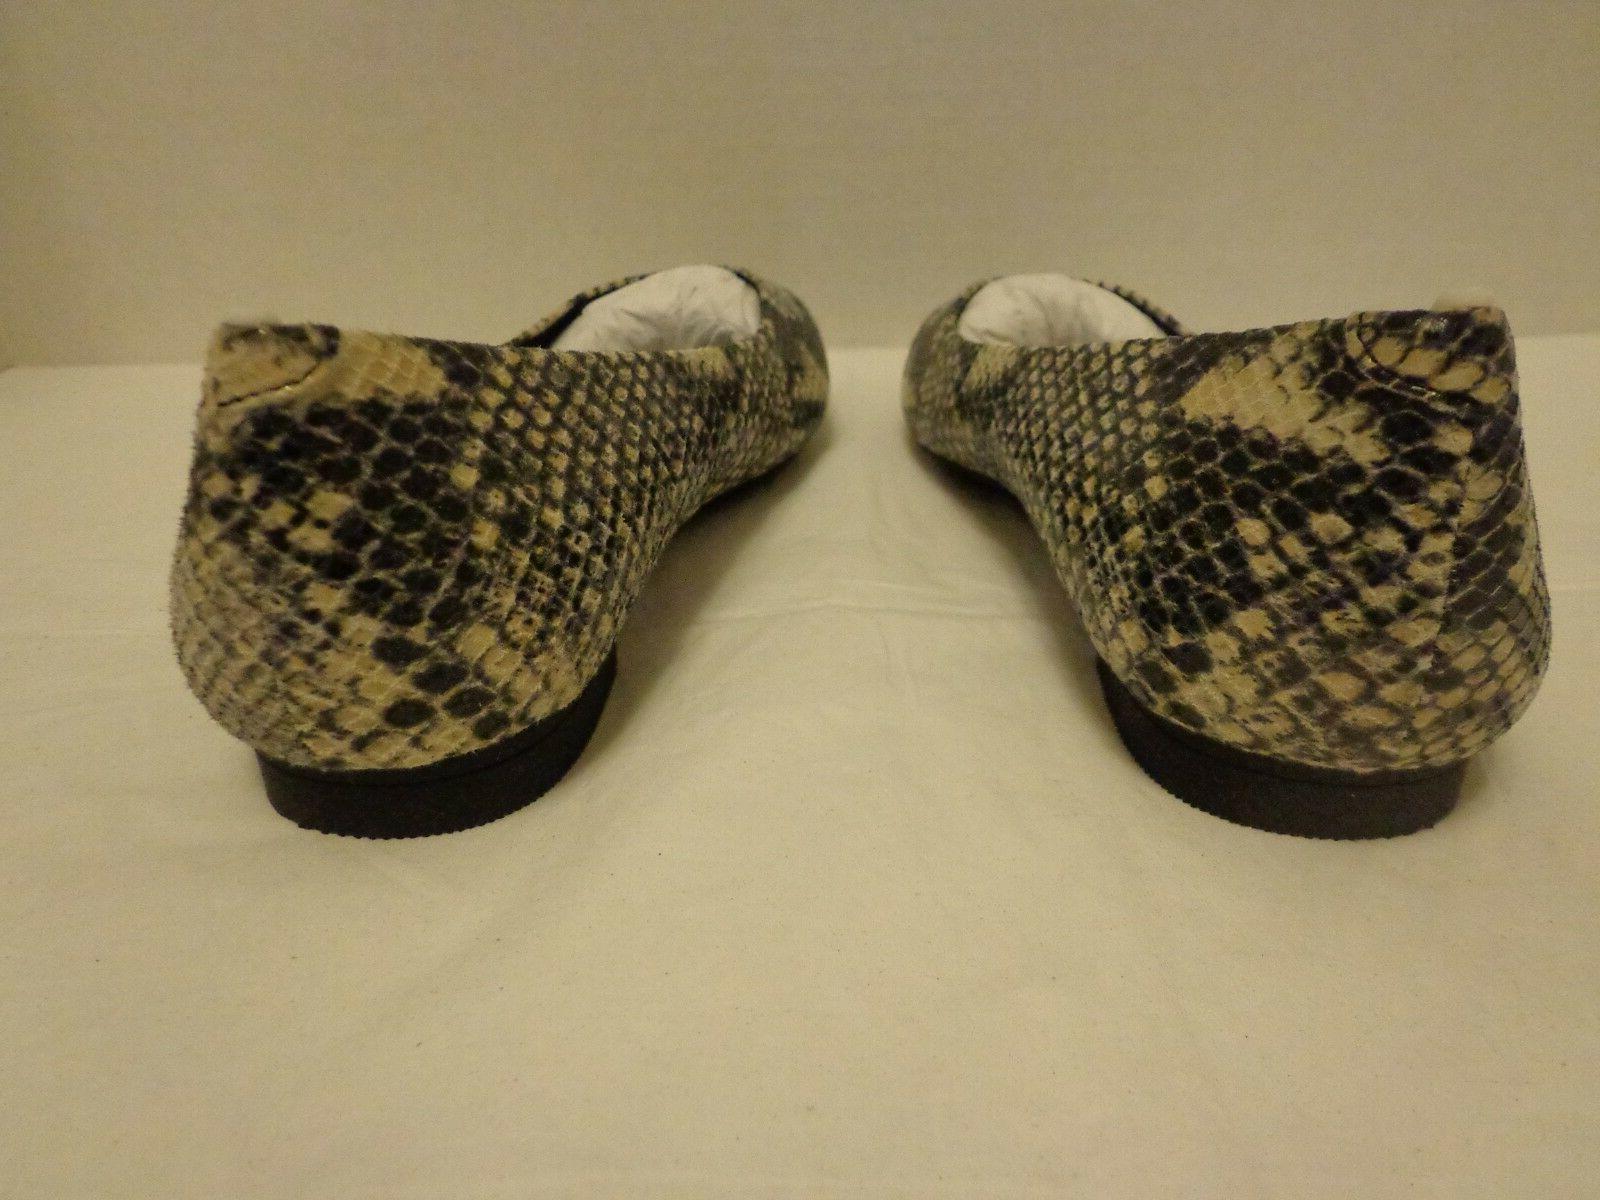 Vionic Women's Ballet Dress Shoes Natural US 6